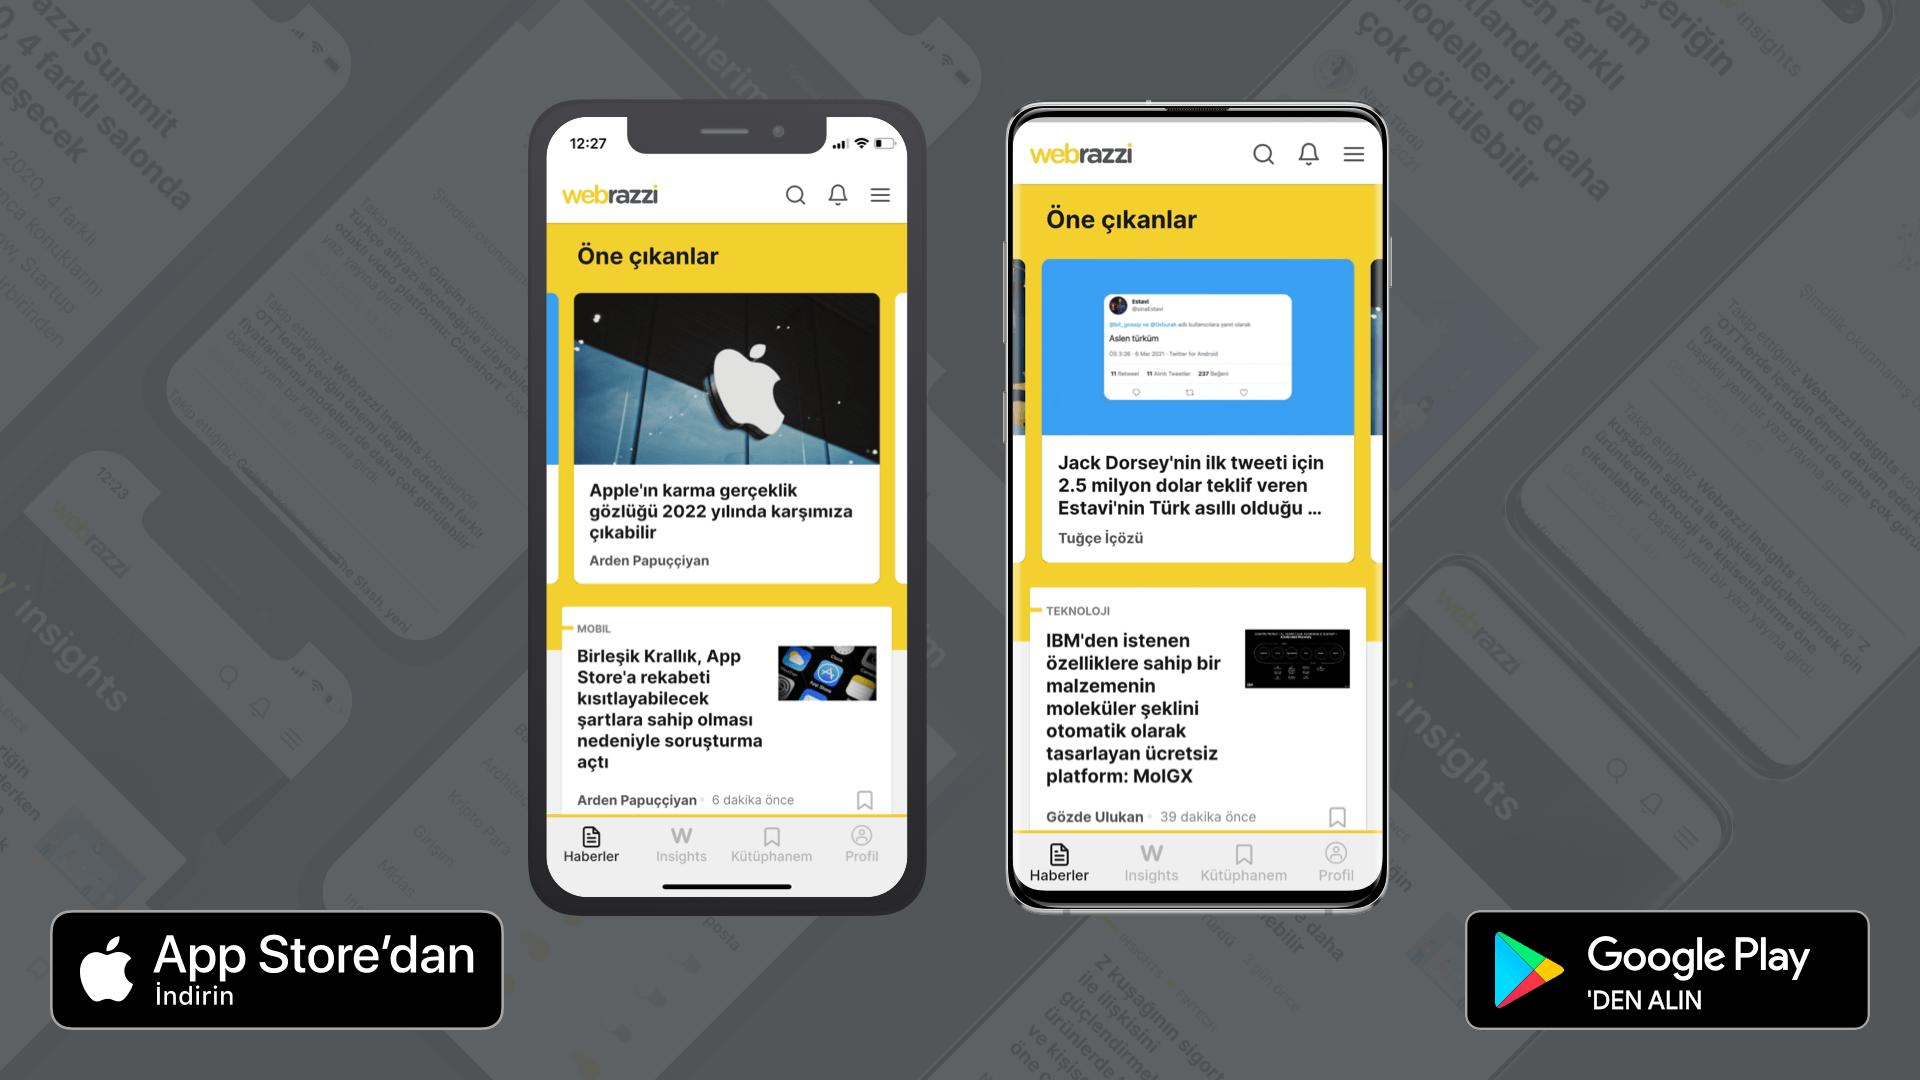 Webrazzi'nin iOS ve Android mobil uygulamaları güncellendi